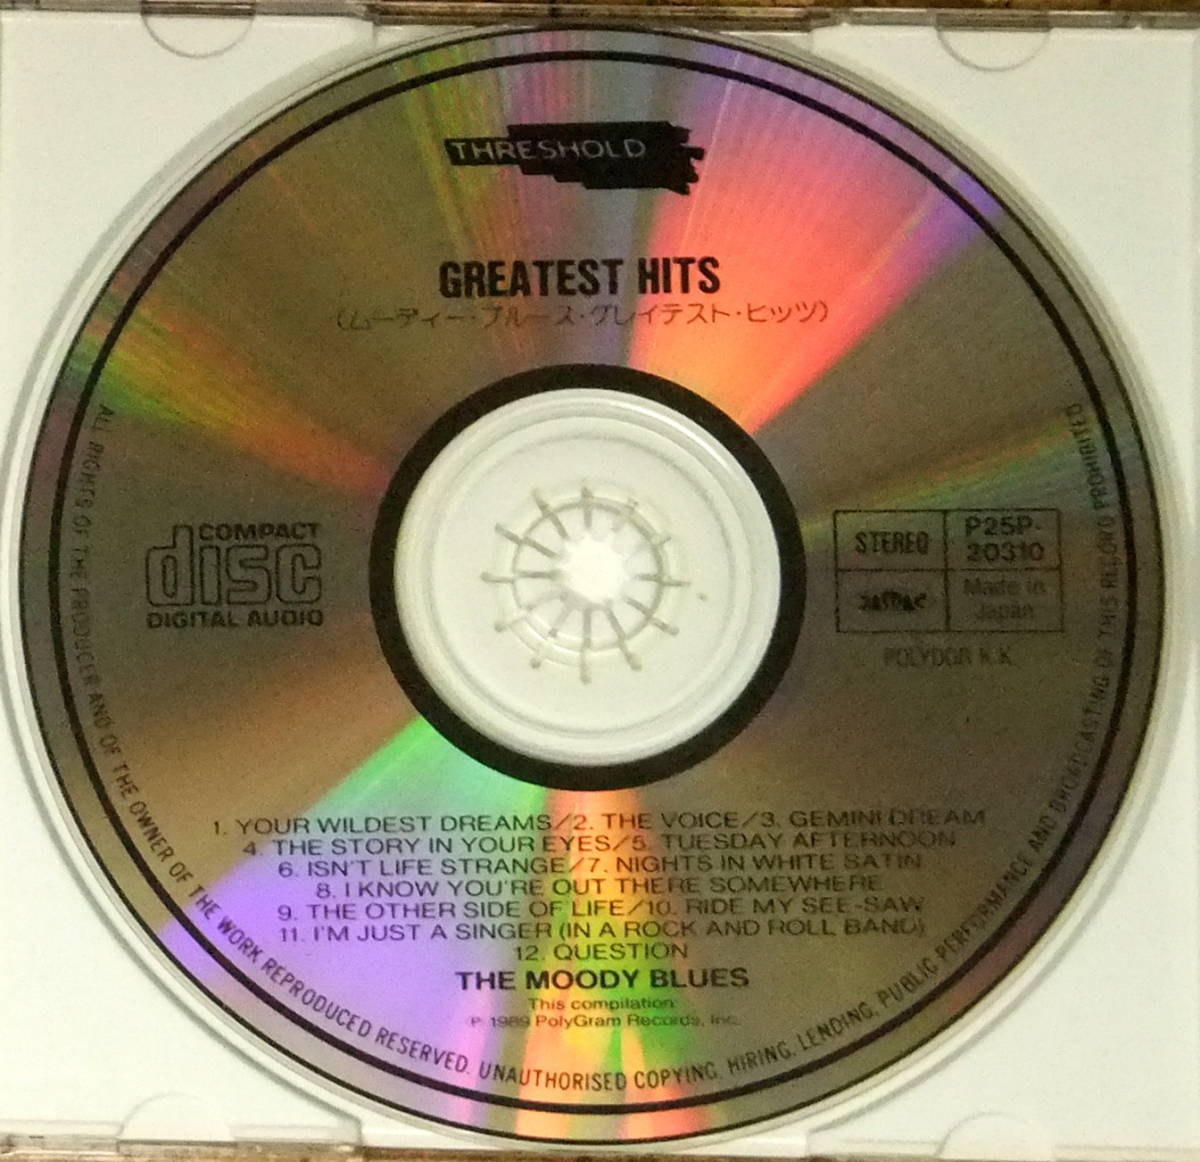 ムーディー・ブルース/グレイテスト・ヒッツ■日本盤,P25P-20310■The Moody Blues/Greatest Hits■サテンの夜,魂の叫び,神秘な世界_画像2